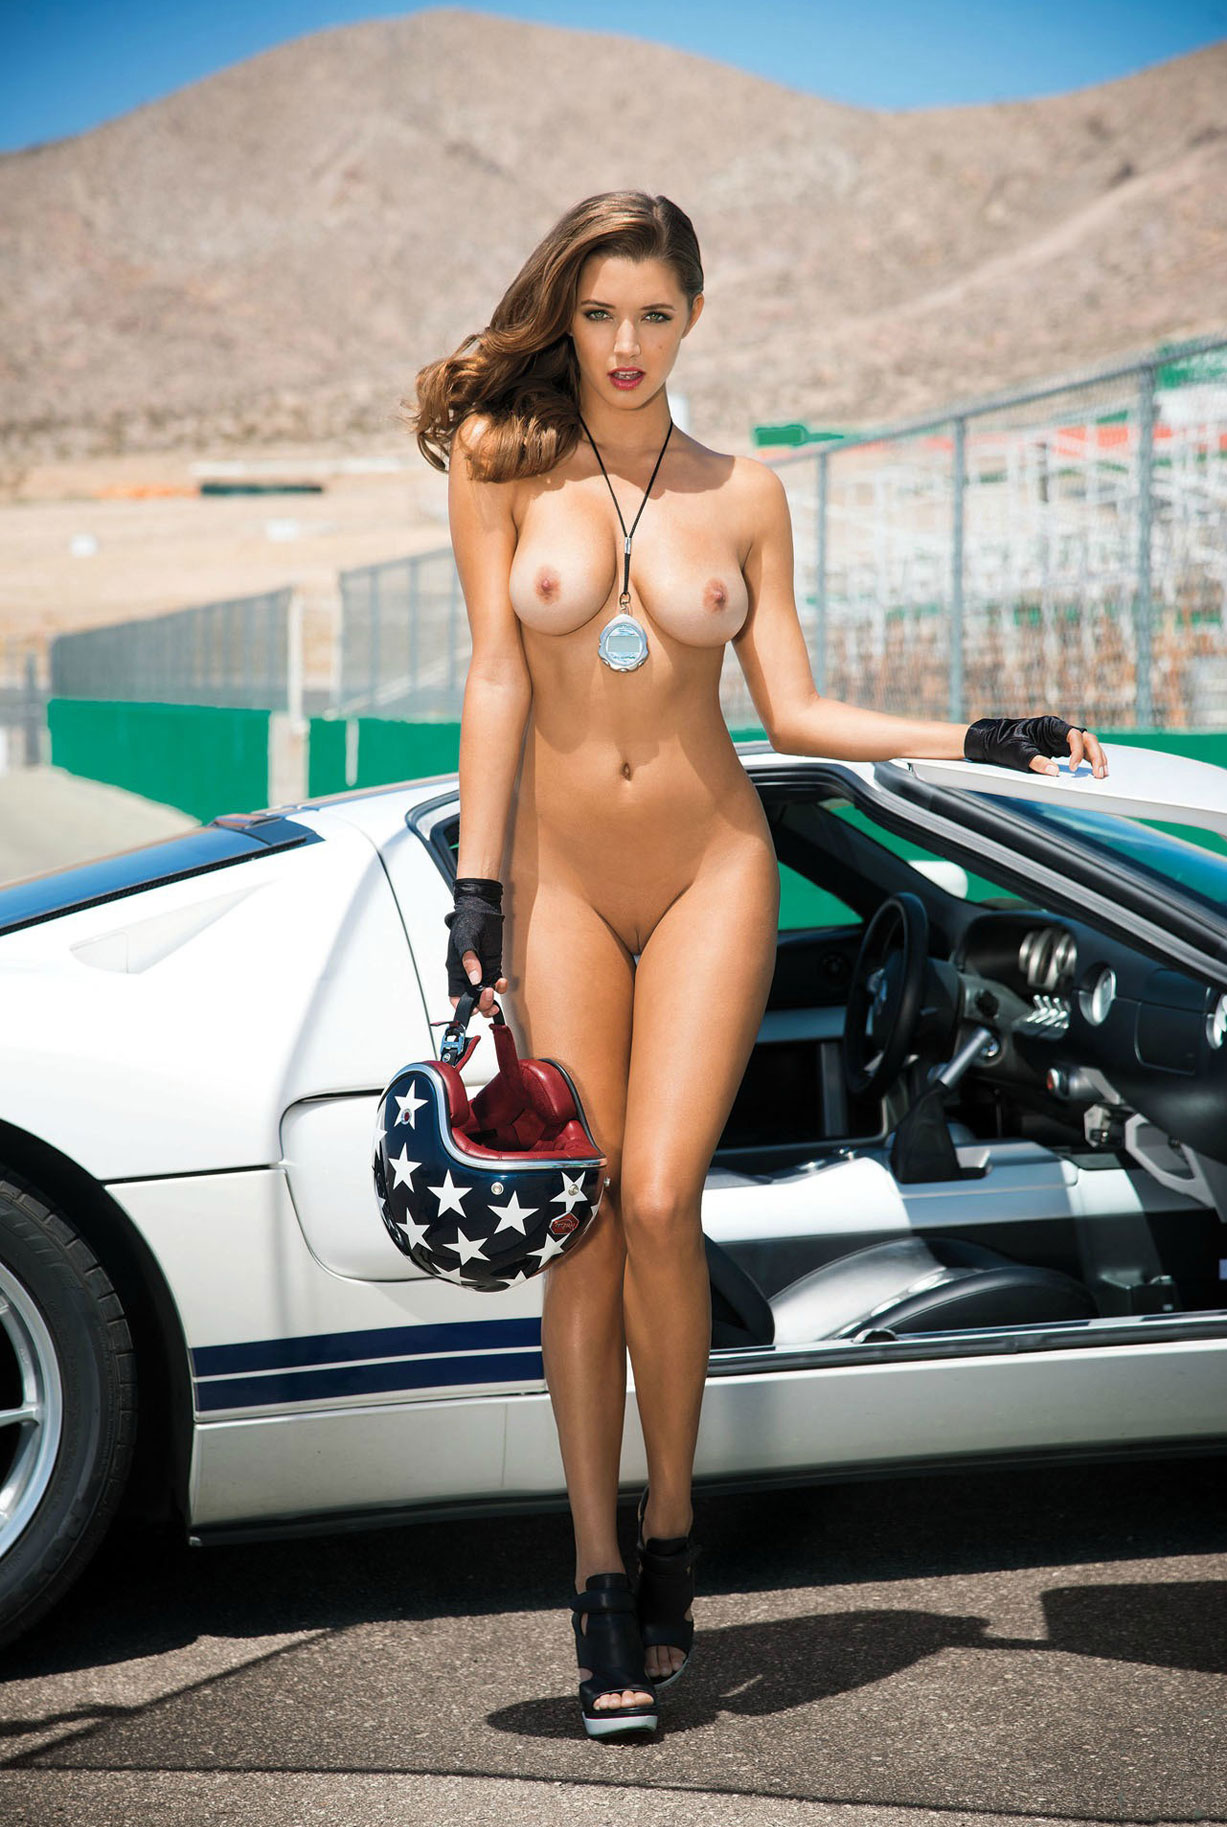 подборка фотографий сексуальных голых девушек - Alyssa Arce